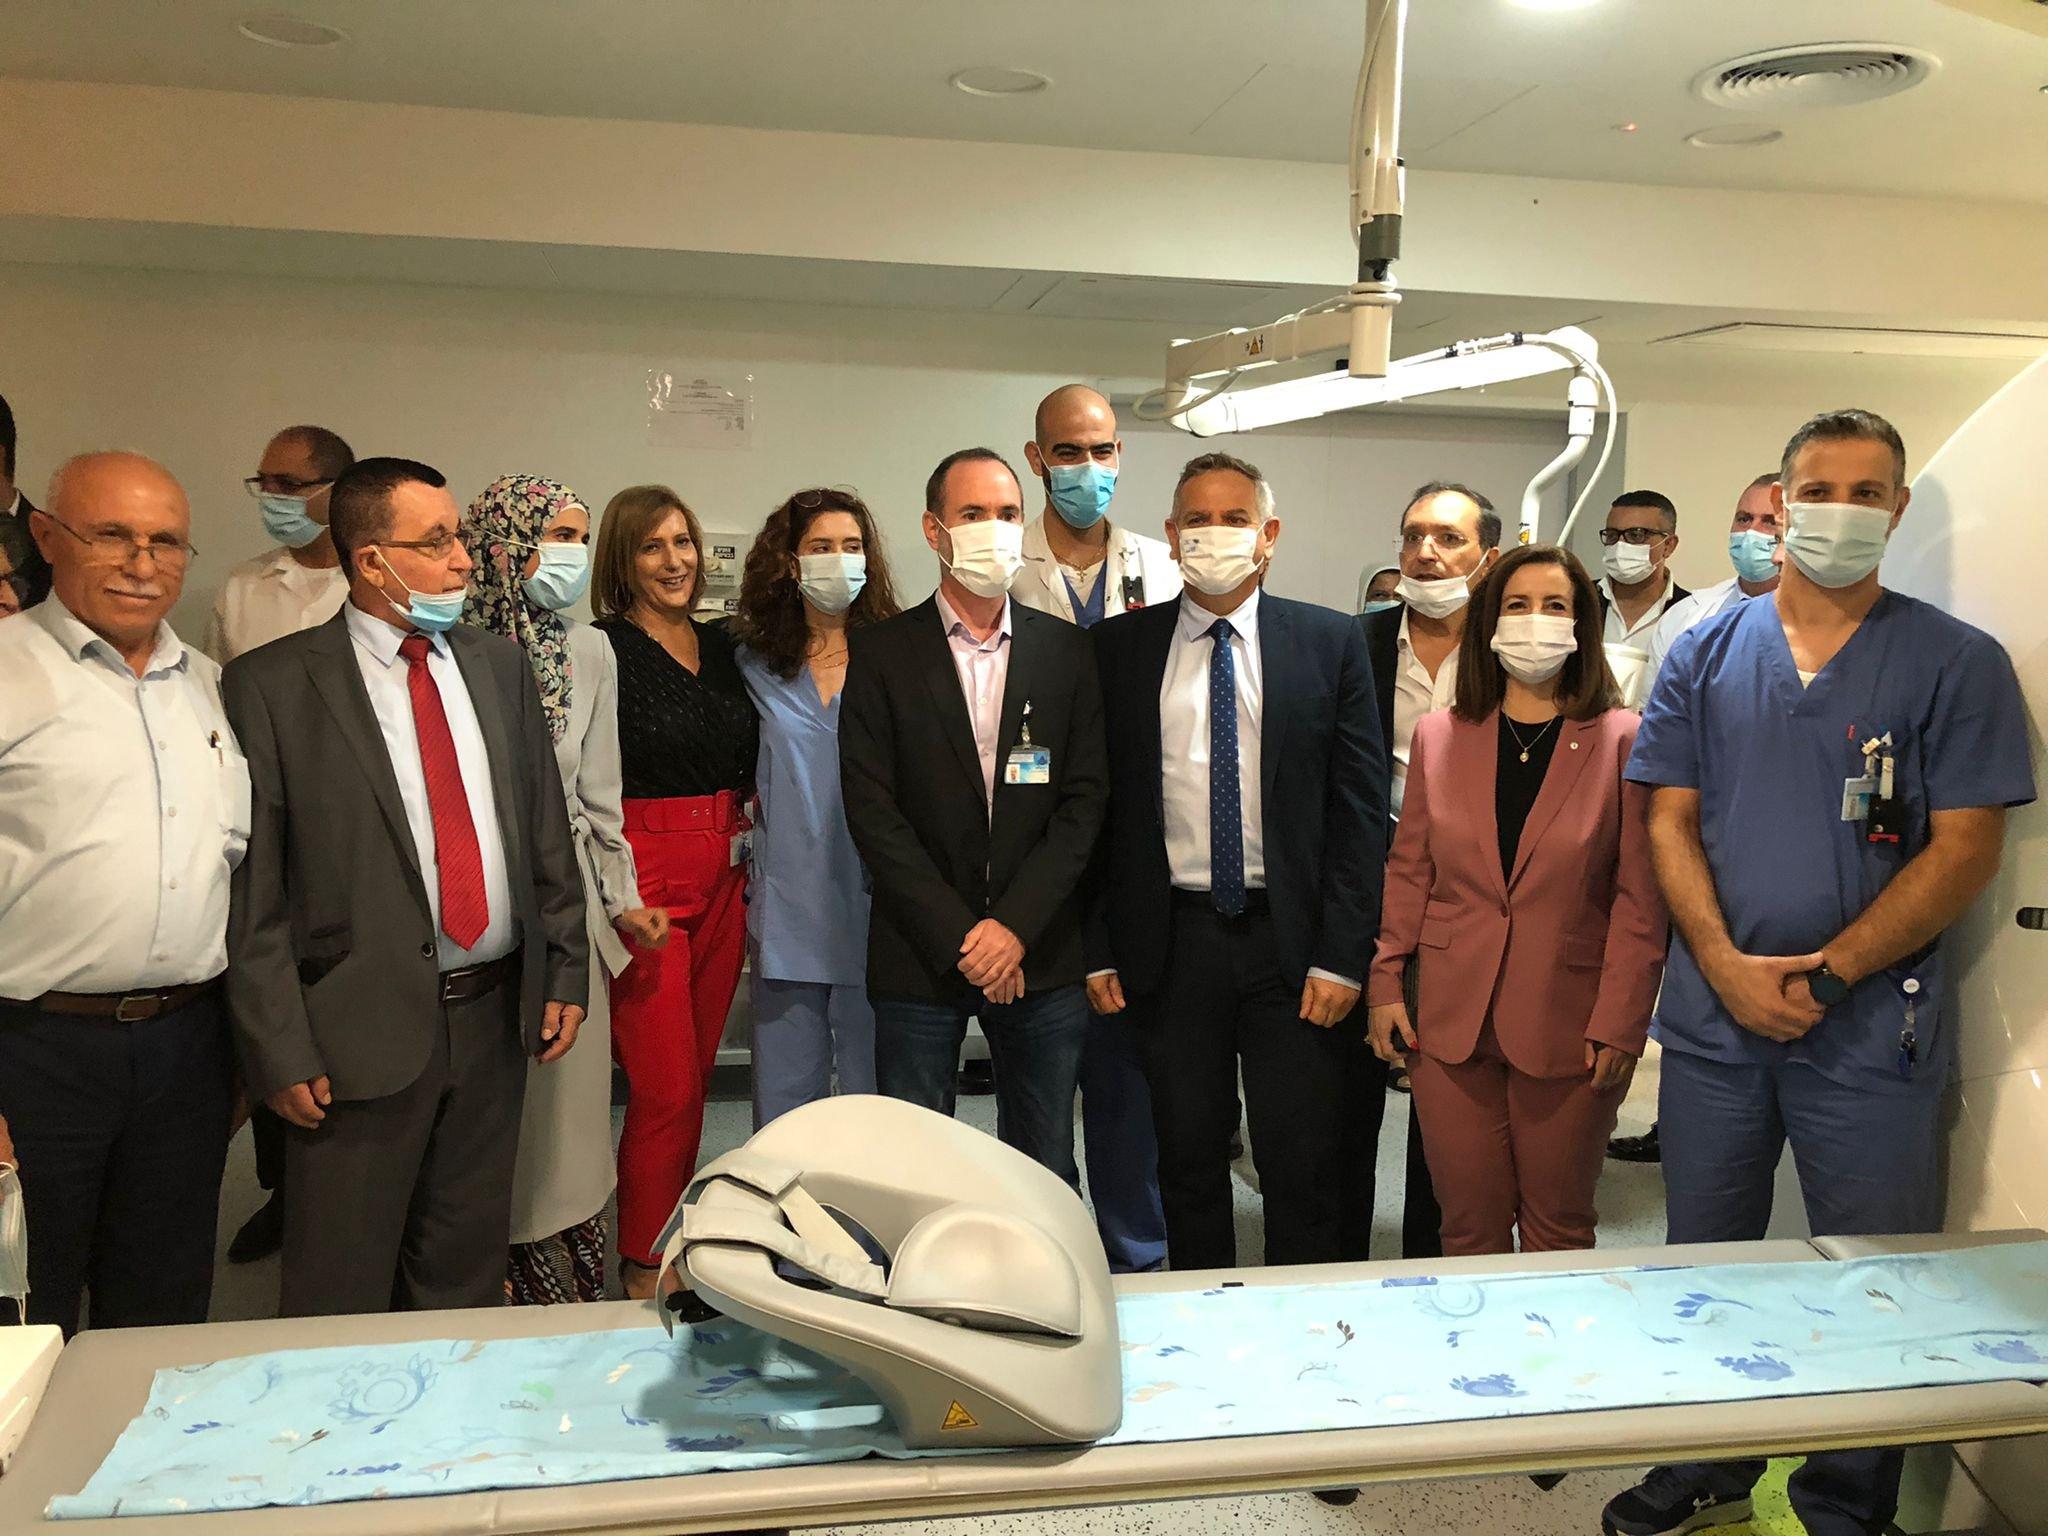 """وعد بدعم كبير لمستشفيات المدينة.. وزير الصحة في الناصرة يتحدث لـ""""بكرا""""، وهذا ما قاله عن """"الكنابيس""""-13"""